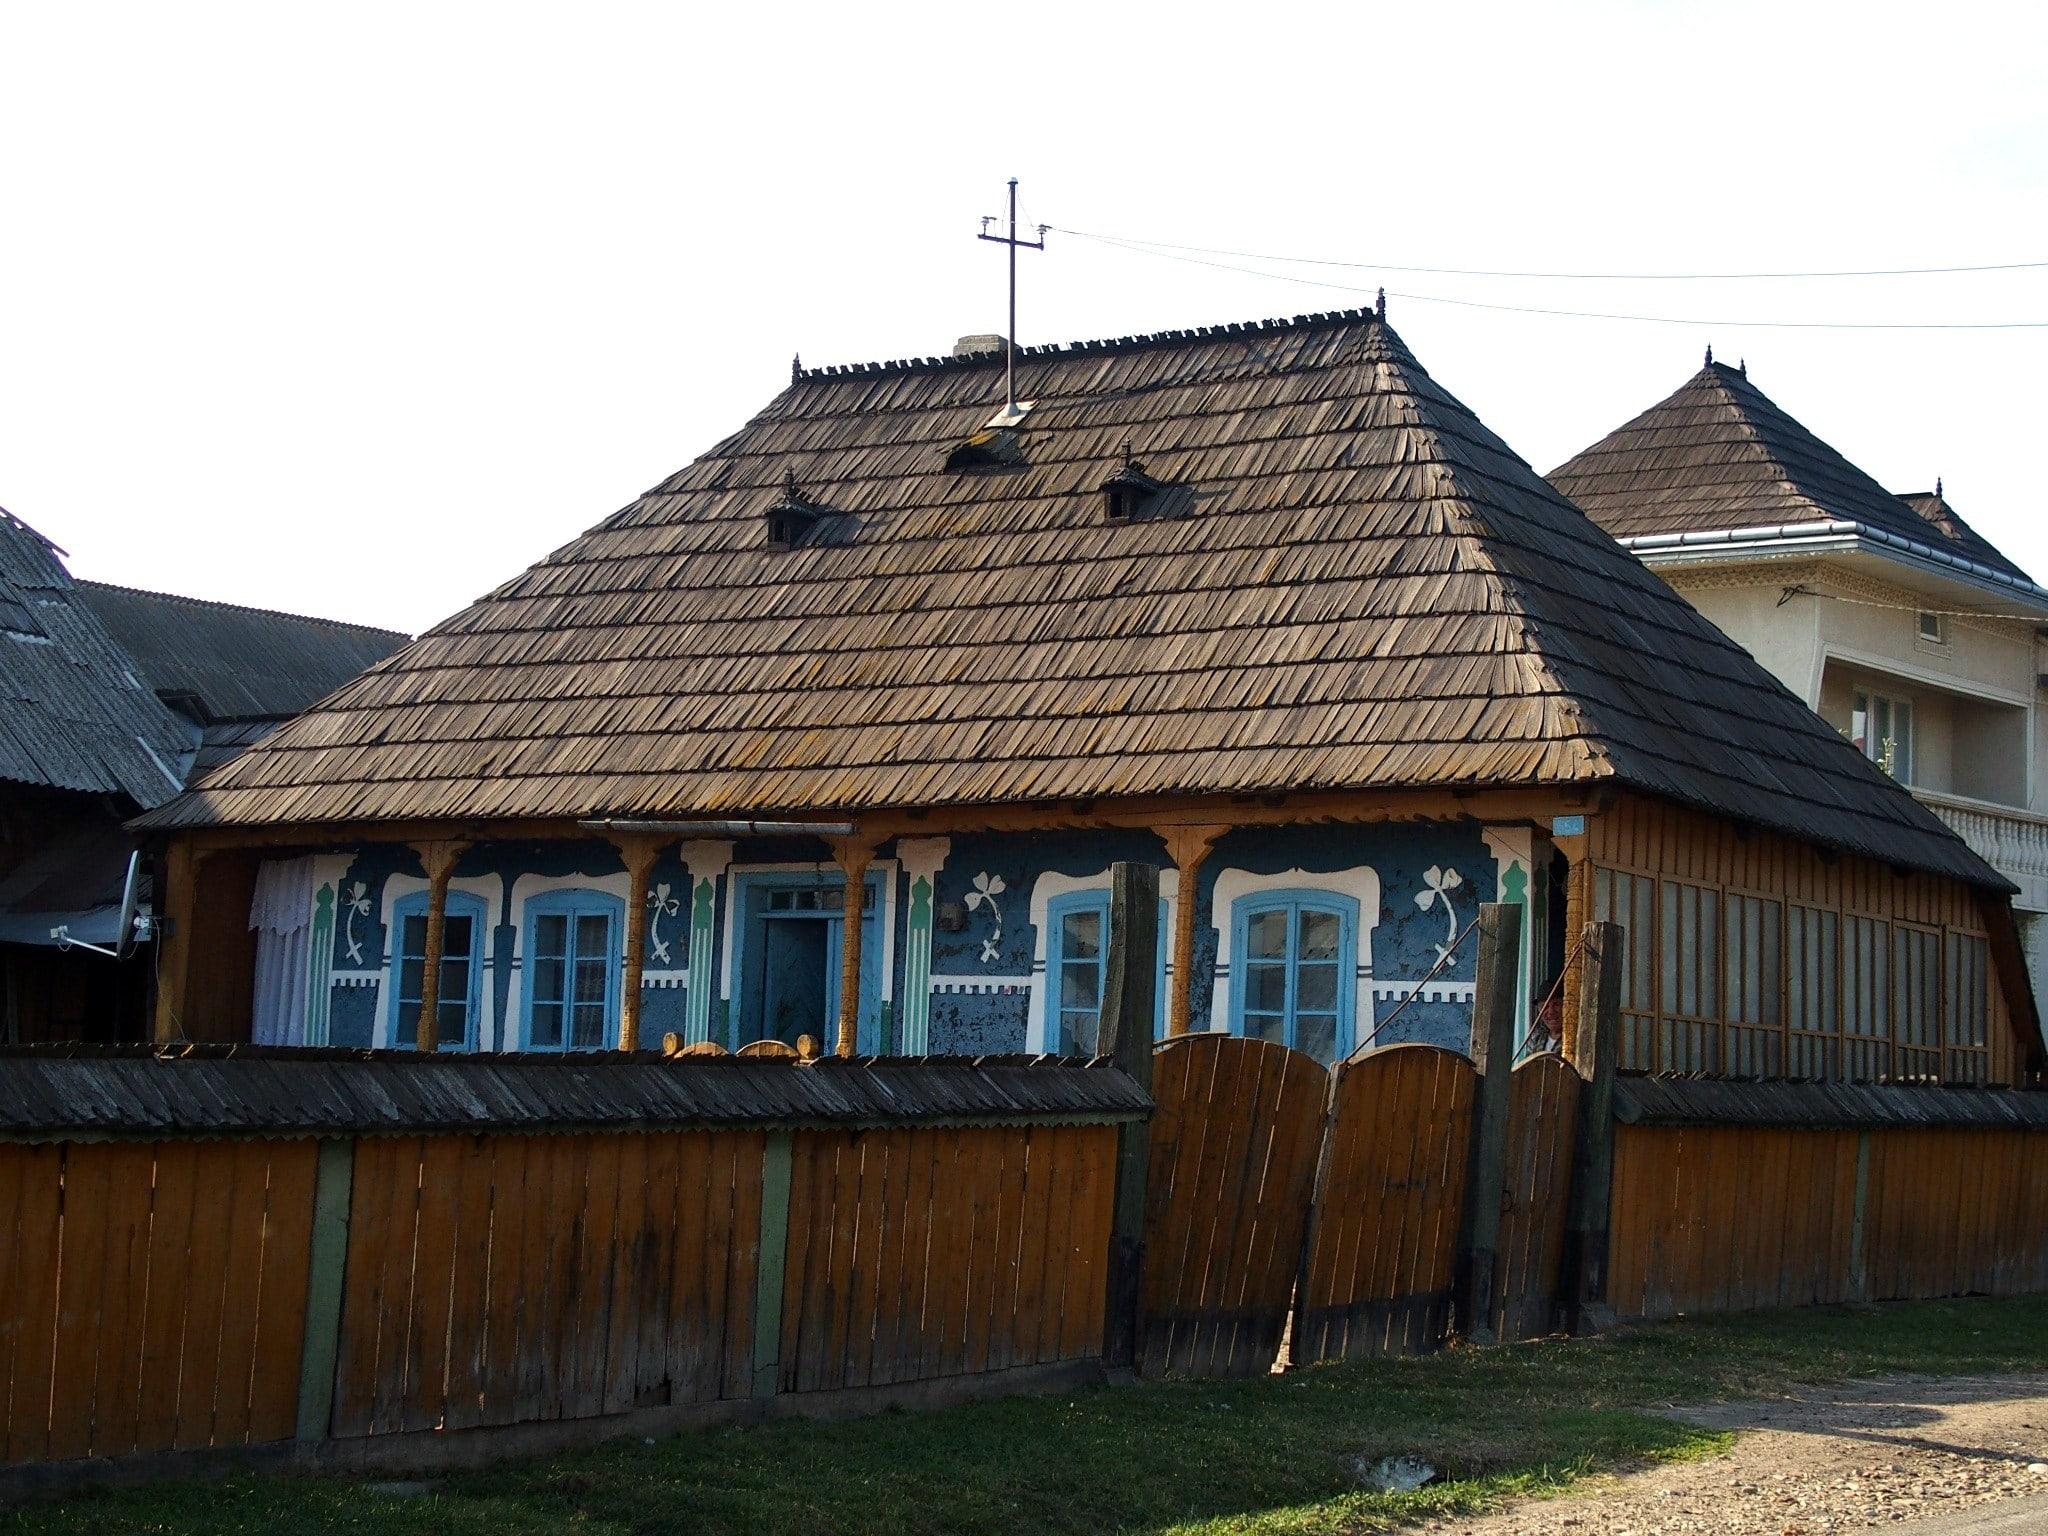 مزیت های خرید خانه در اوکراین